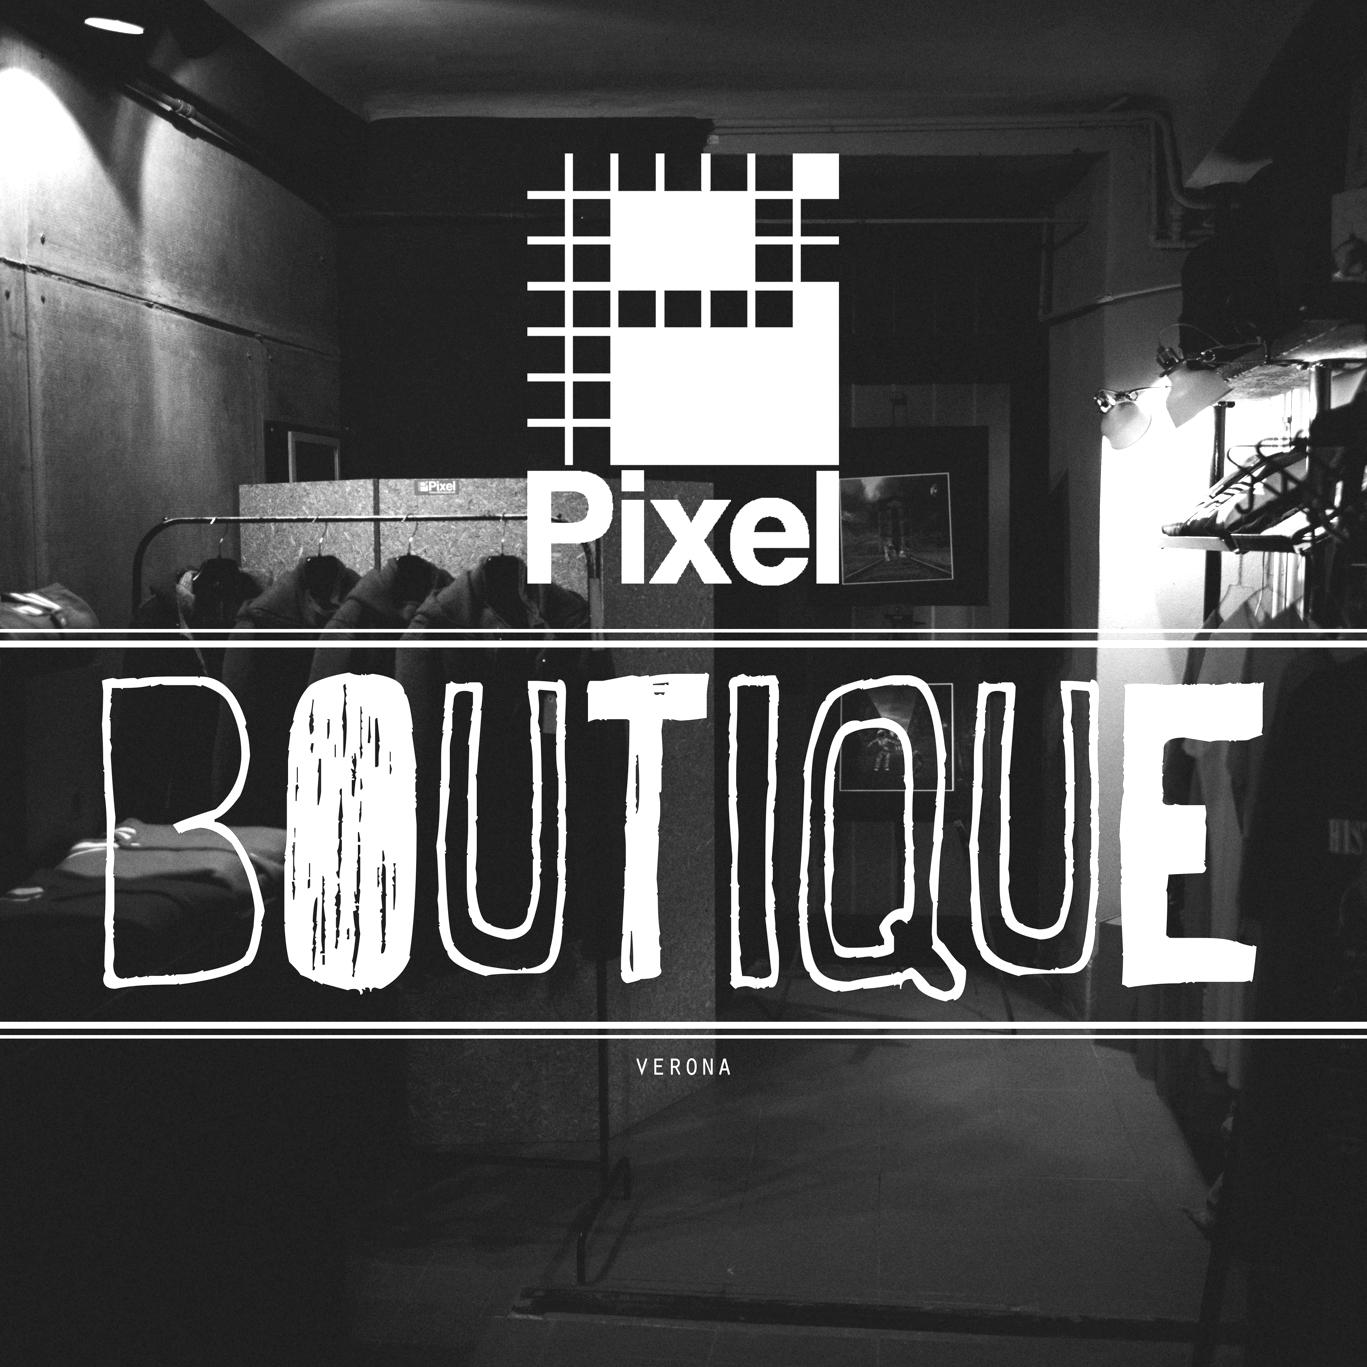 Pixel Boutique